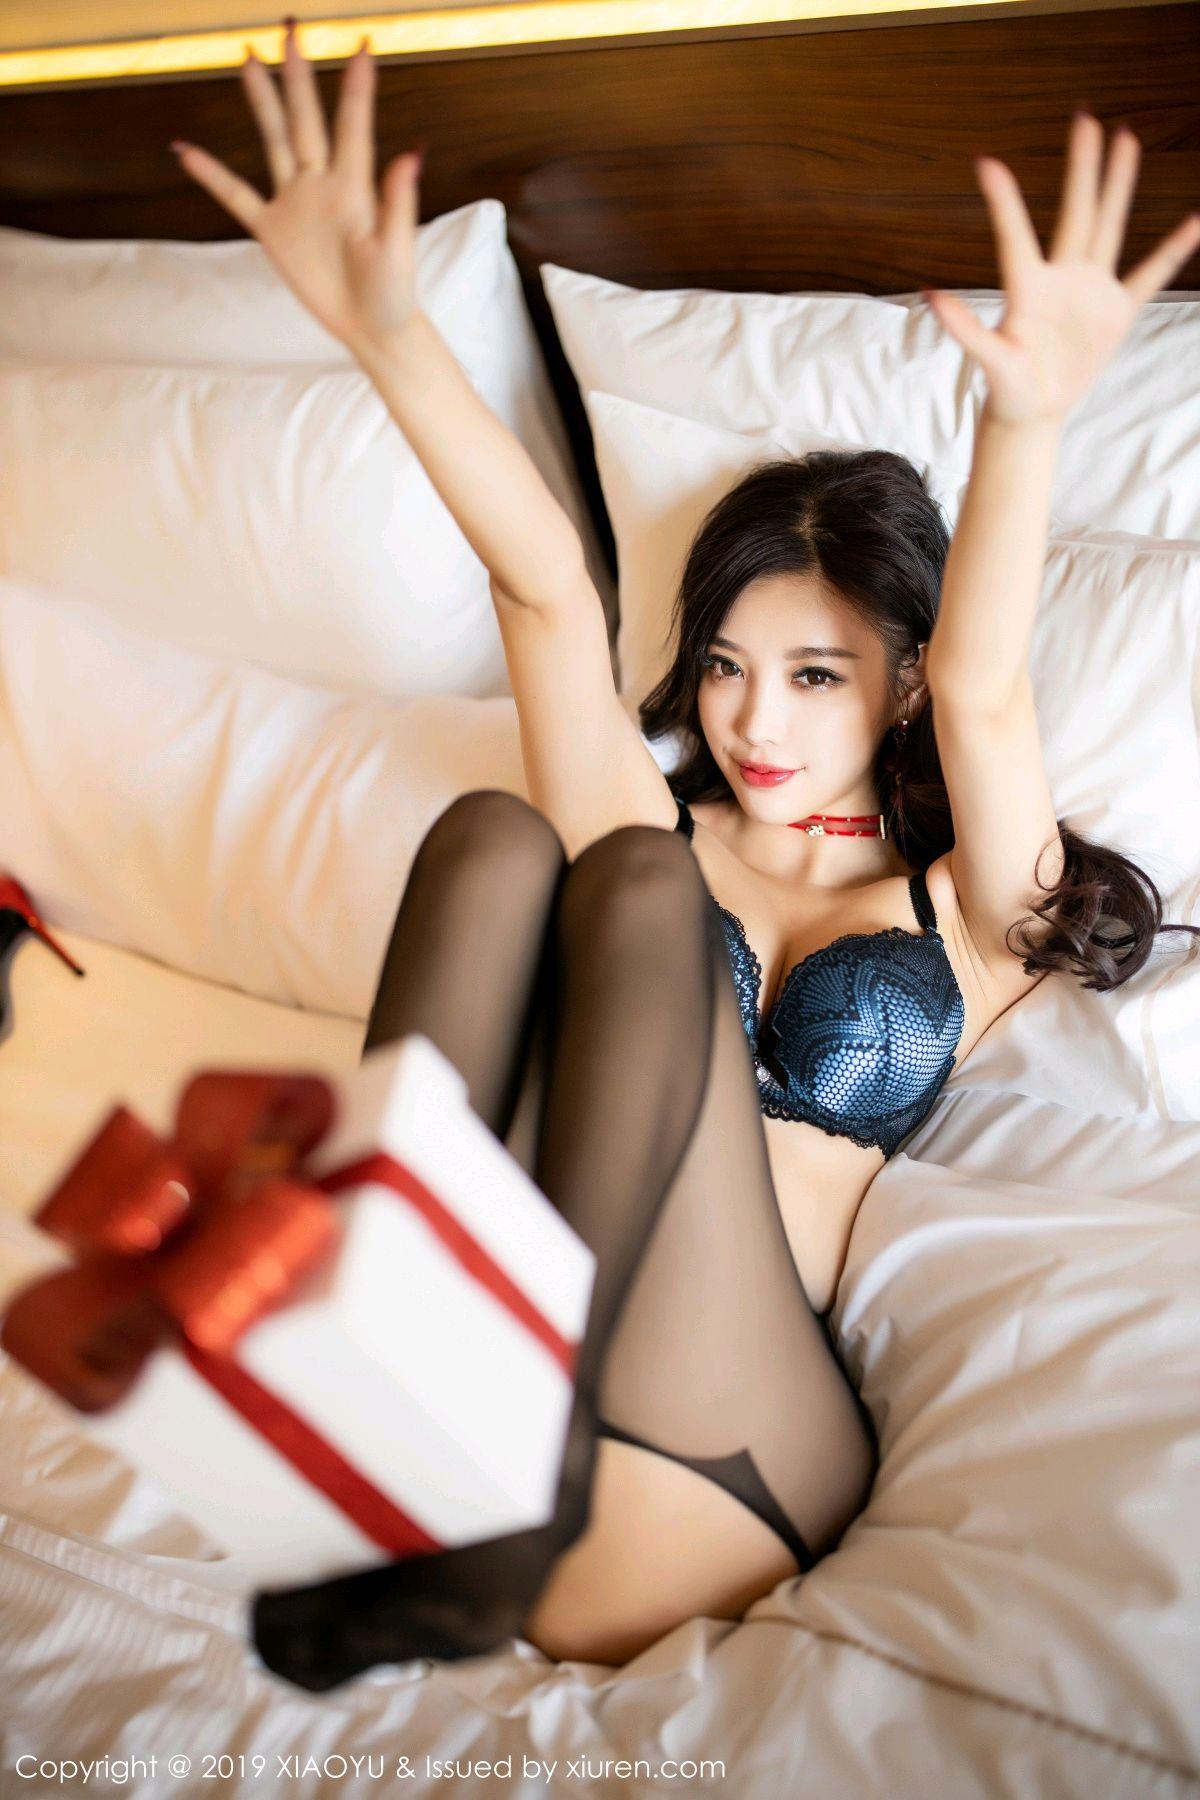 [XiaoYu] Vol.225 Yang Chen Chen 79P, Christmas, Underwear, XiaoYu, Yang Chen Chen